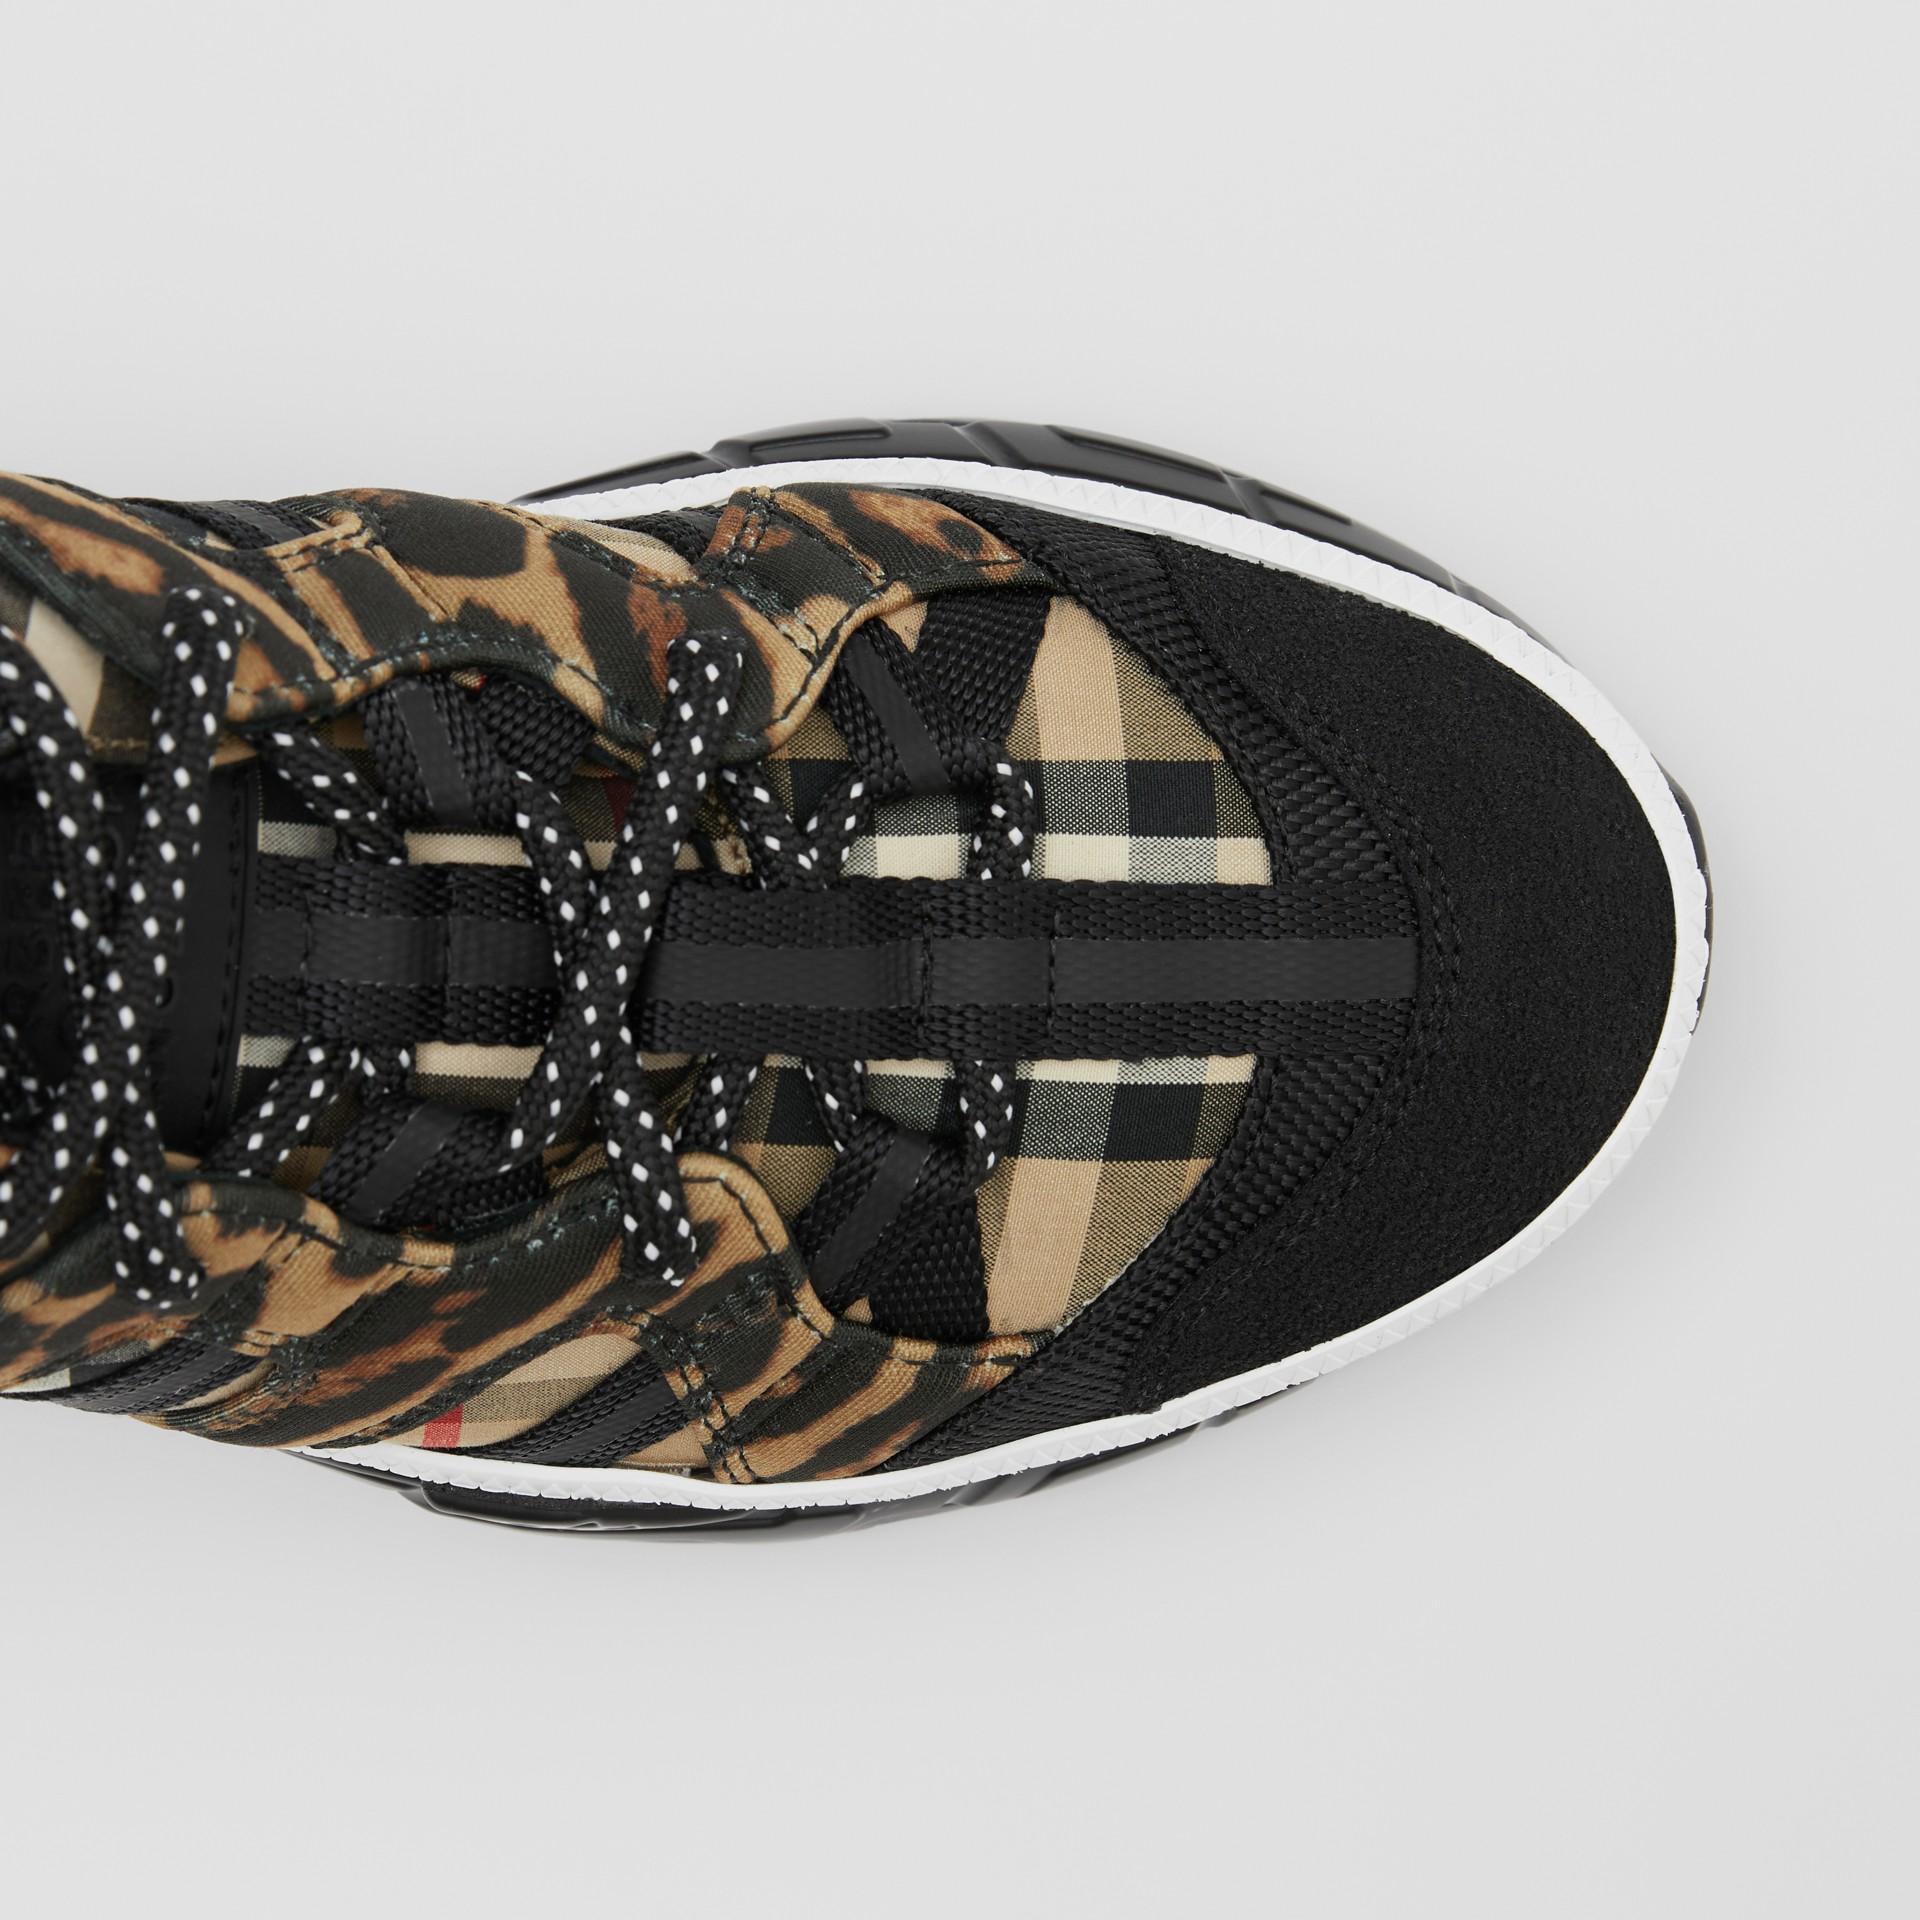 Tênis Union de algodão e neoprene com estampa de leopardo (Bege Clássico) - Mulheres | Burberry - galeria de imagens 5